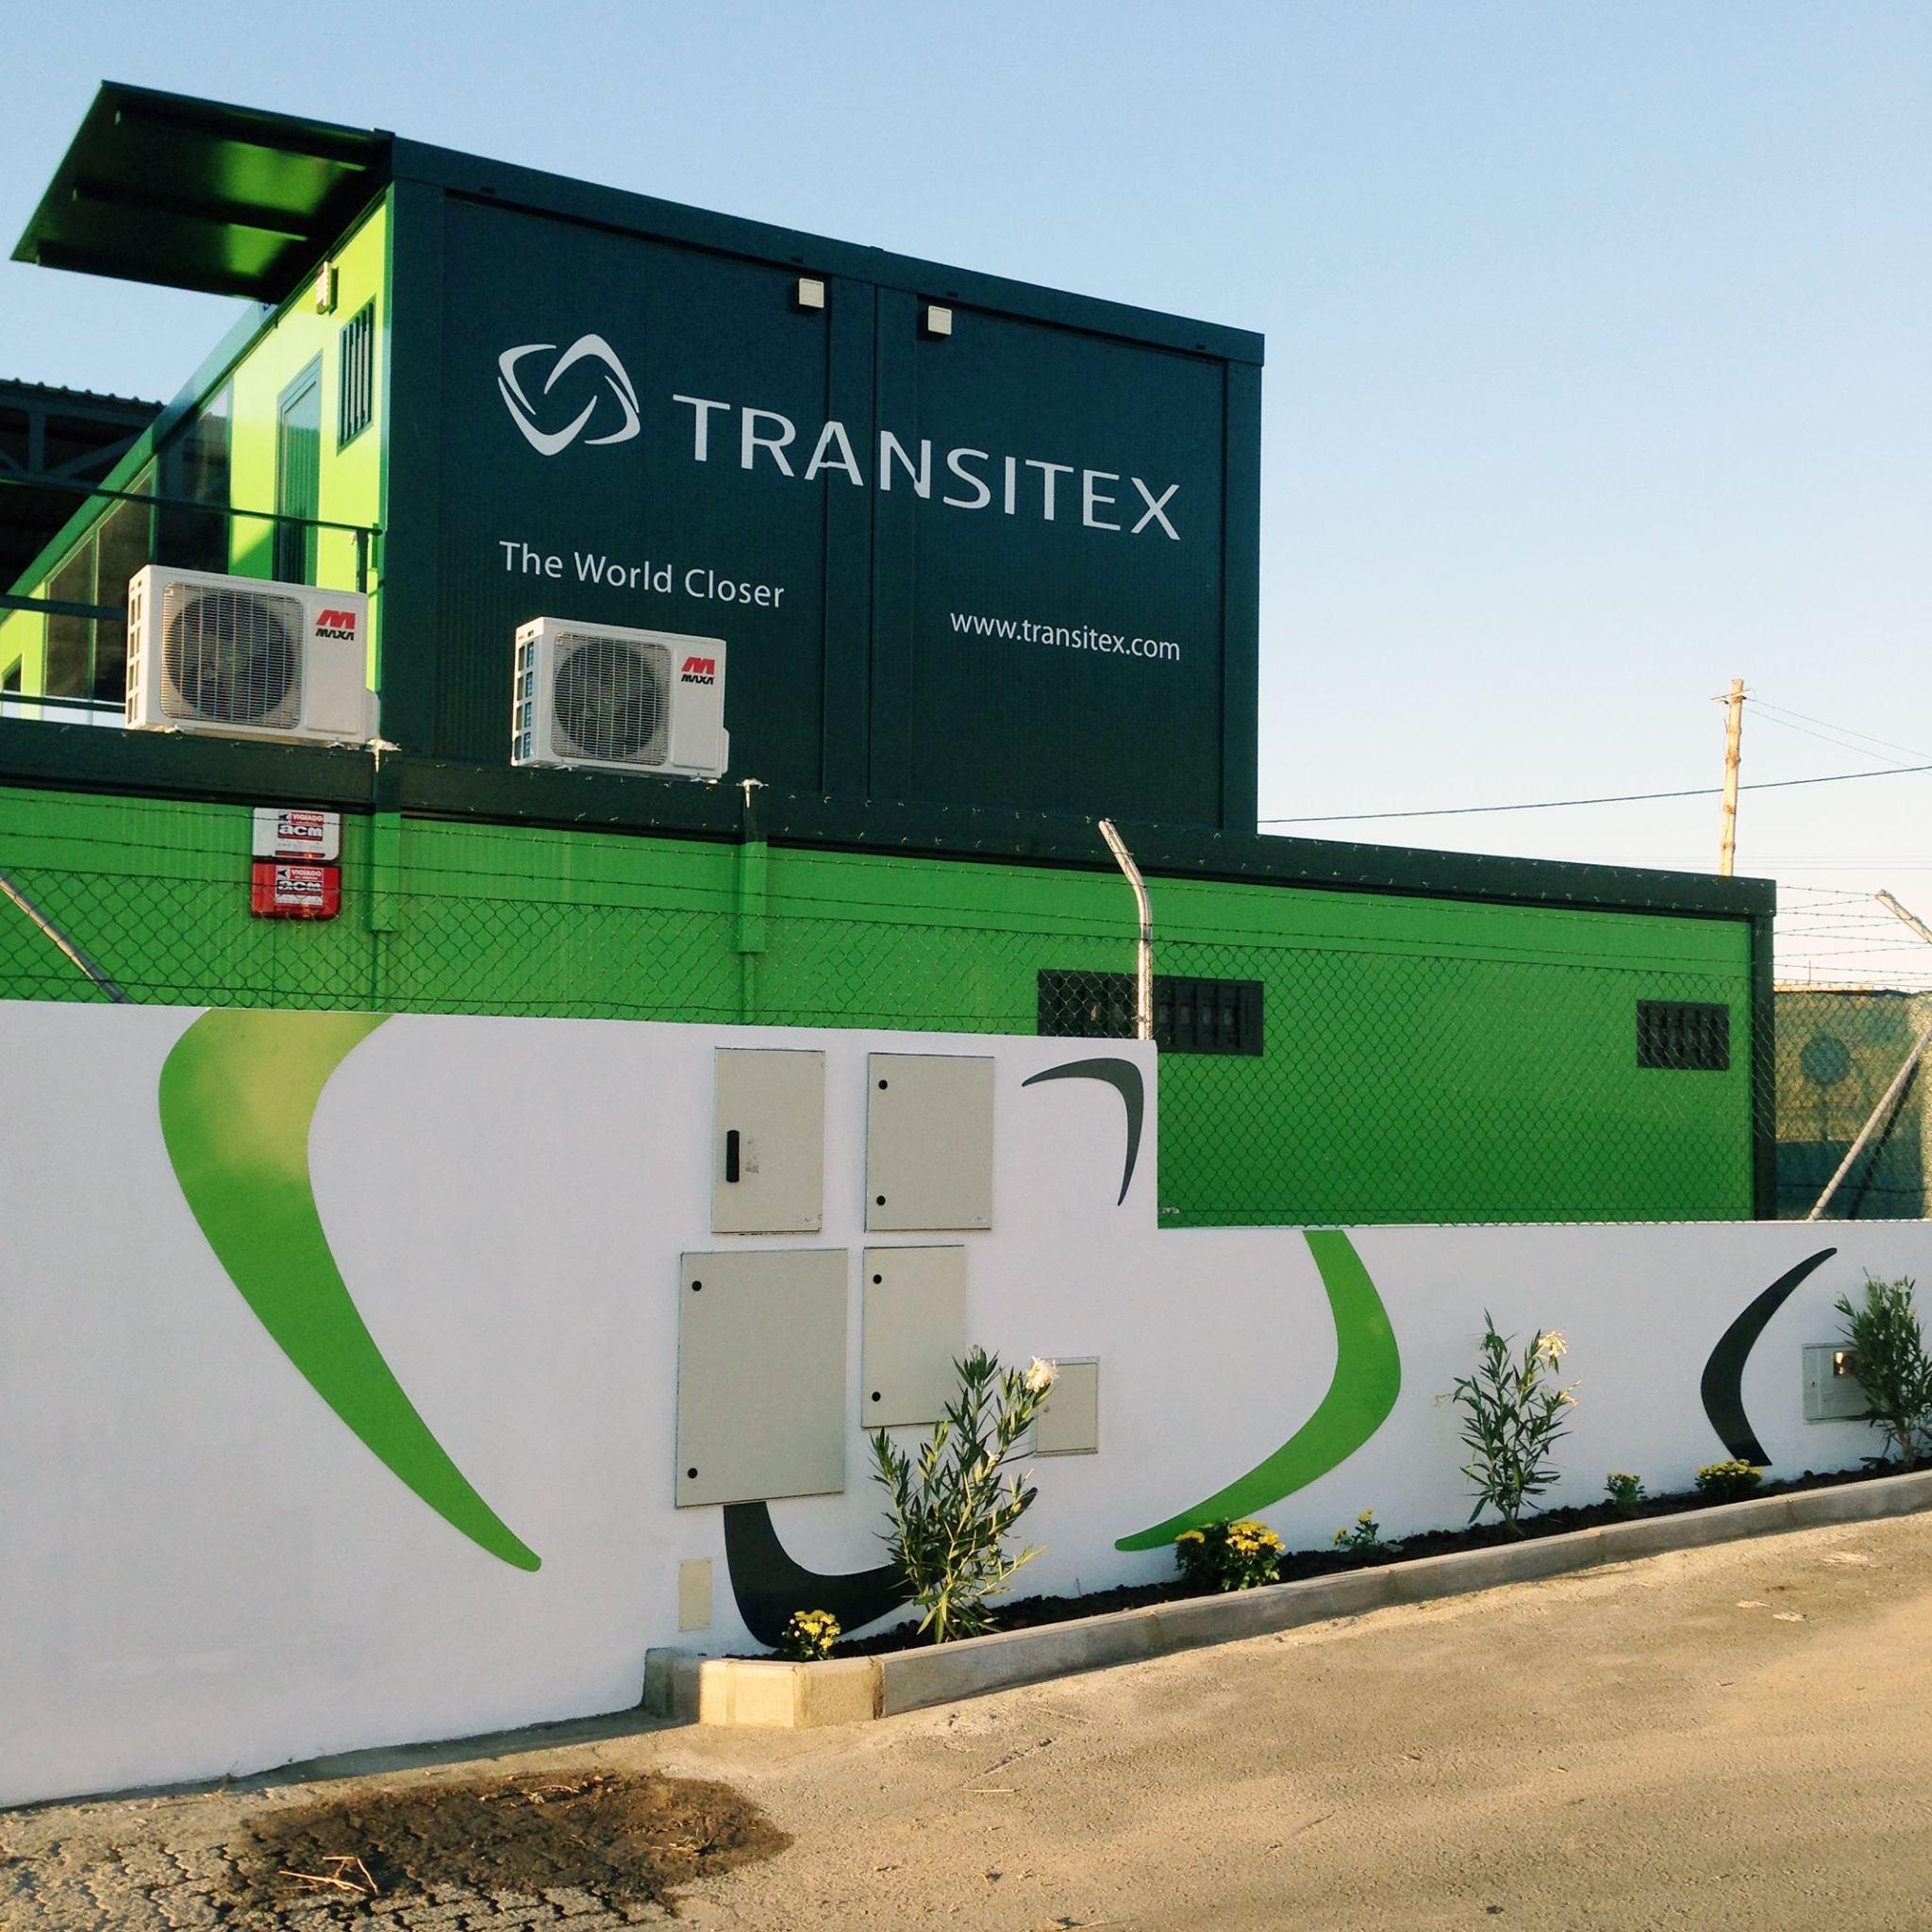 Transitex